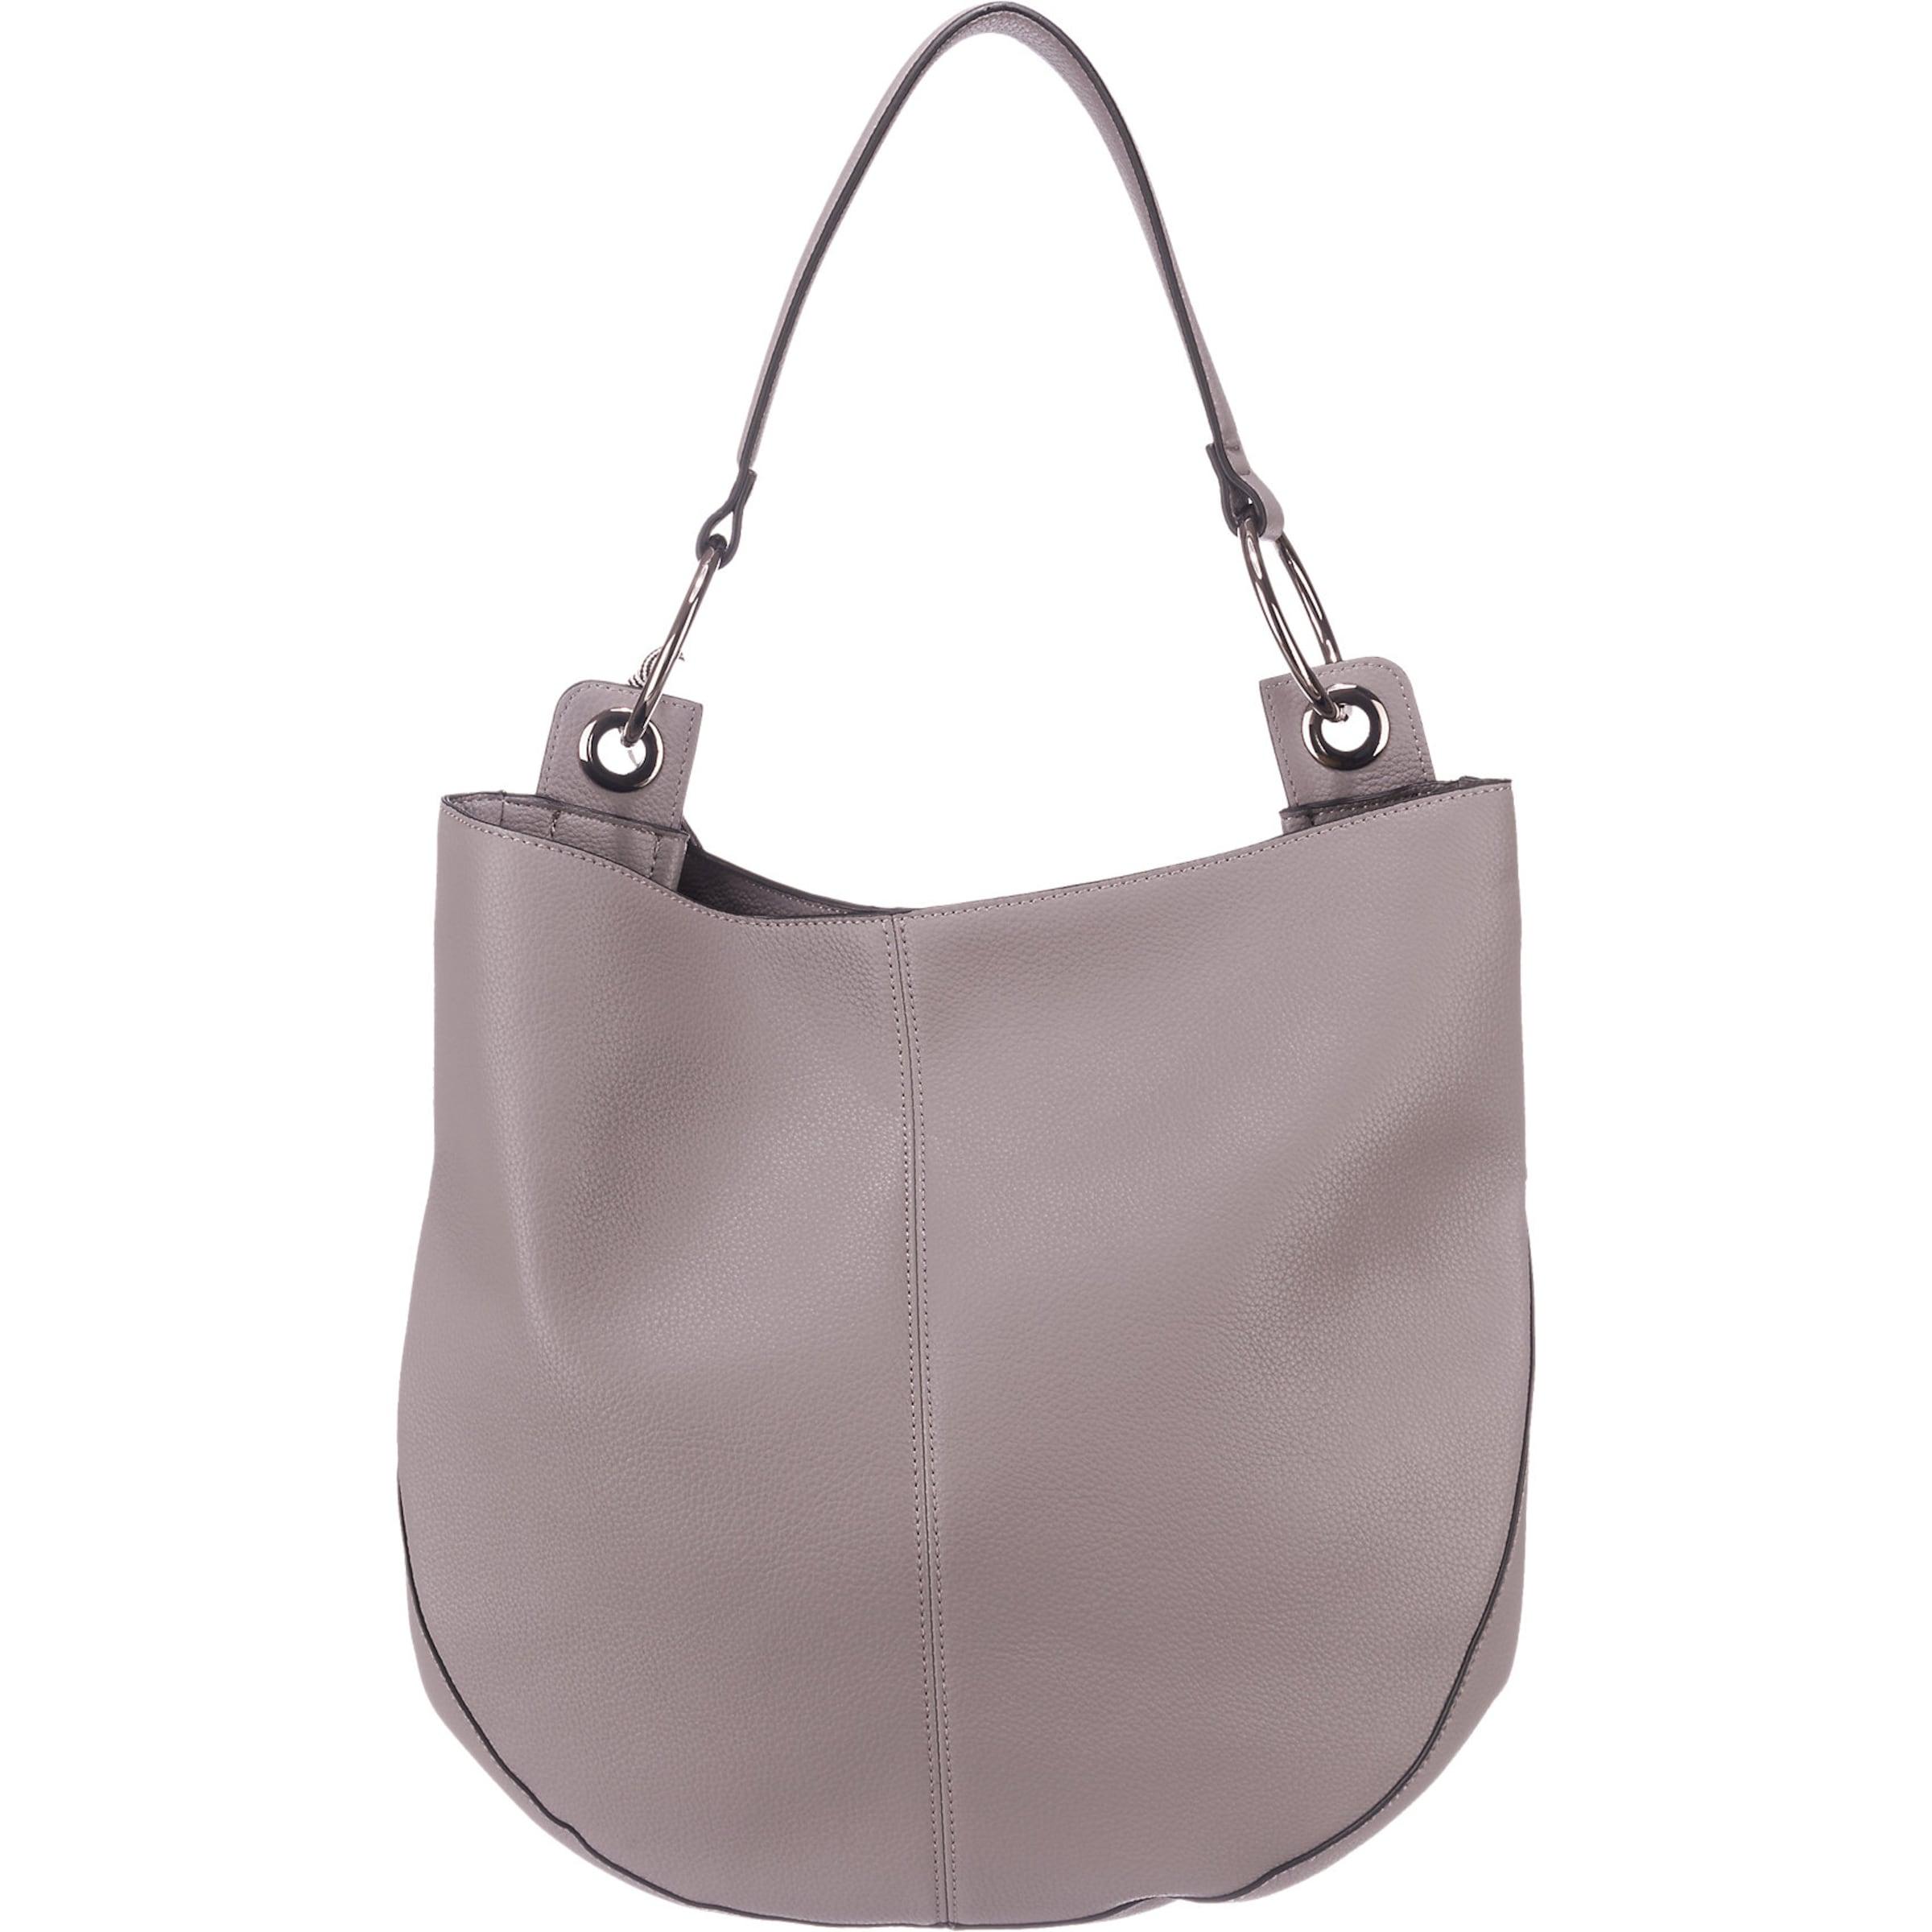 ESPRIT Handtasche ESPRIT Handtasche TF6wqc